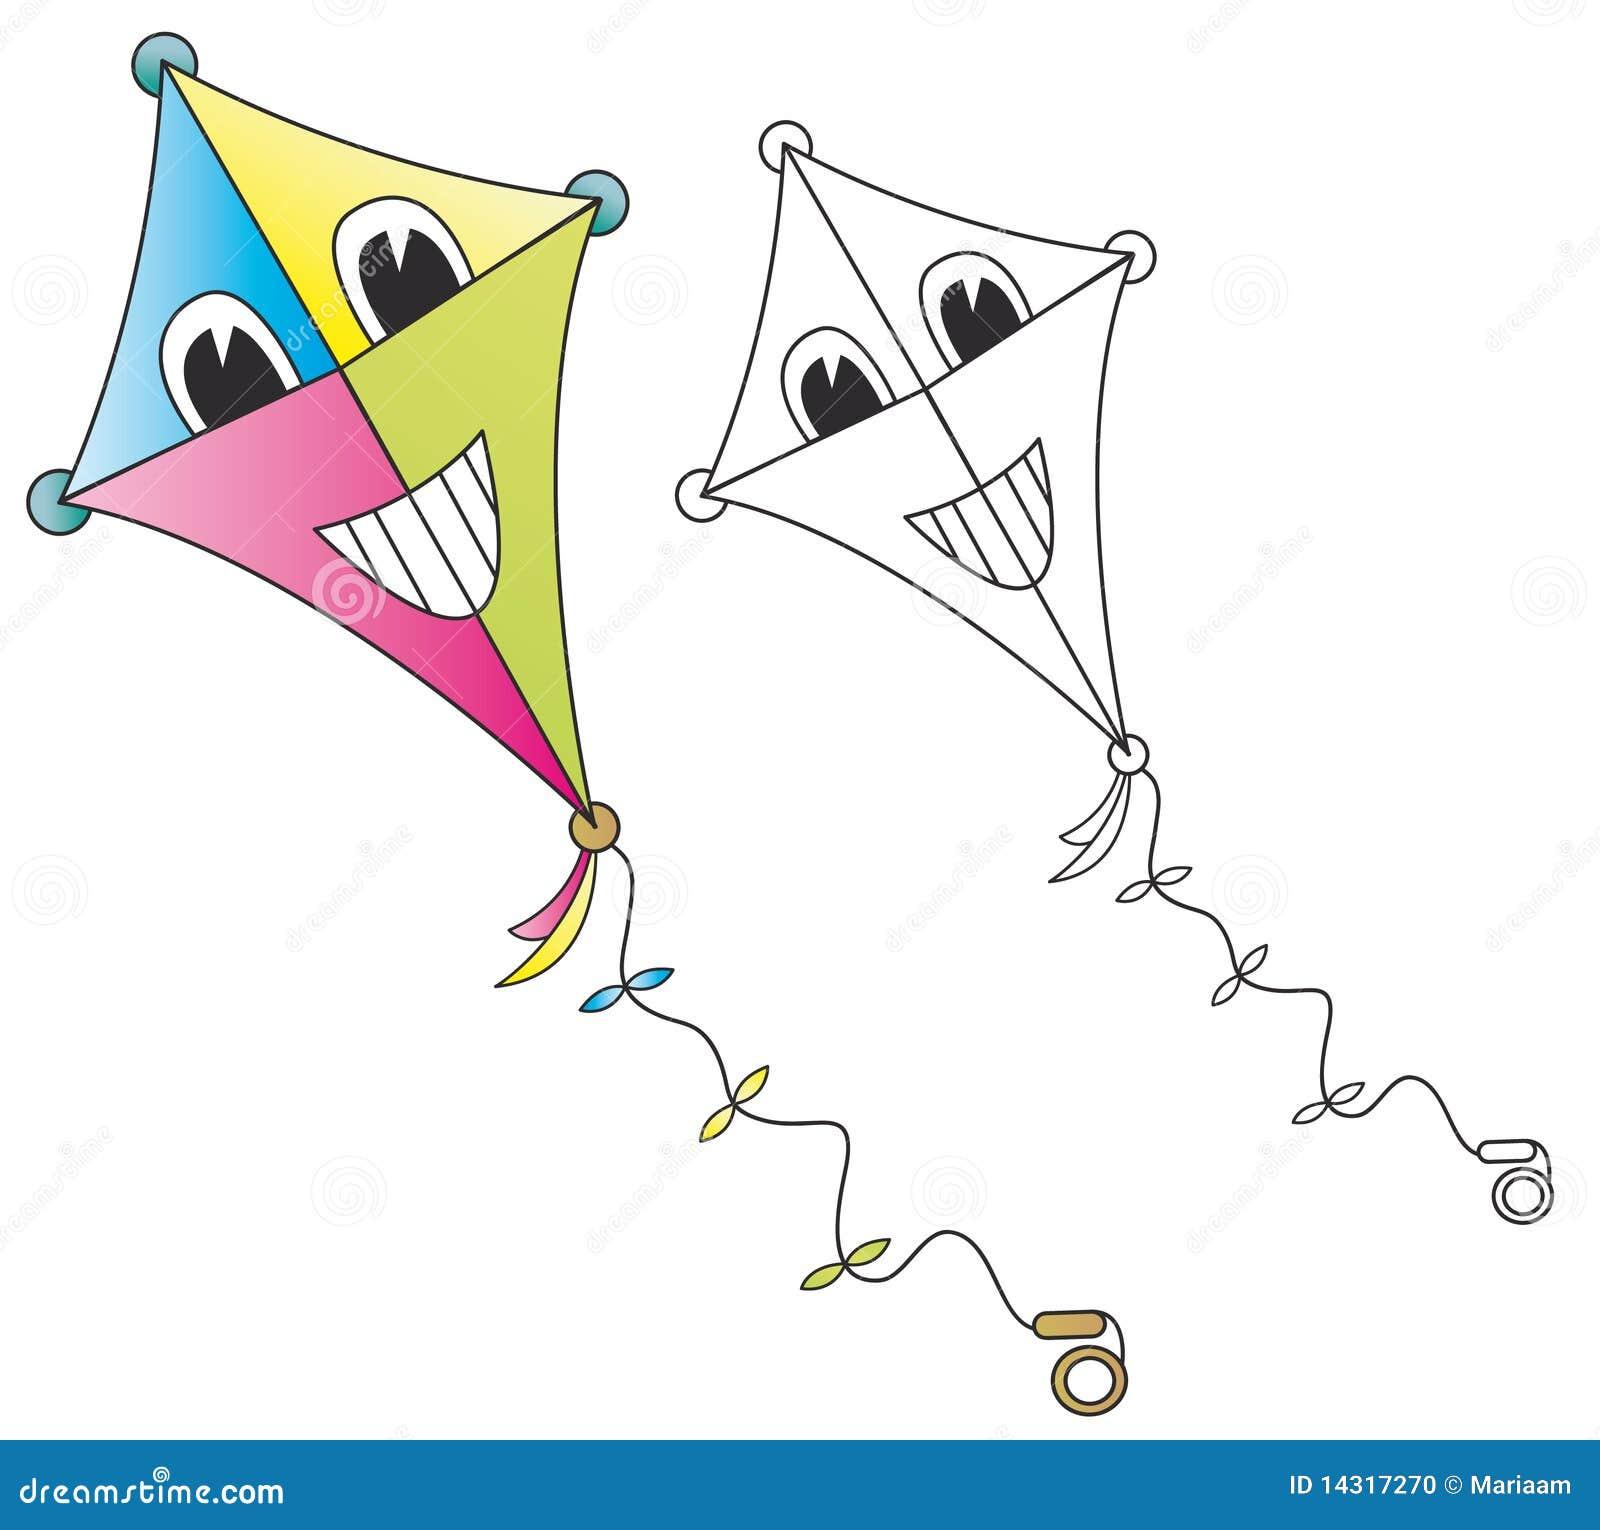 Kite Background Smiling cartoon kite o...